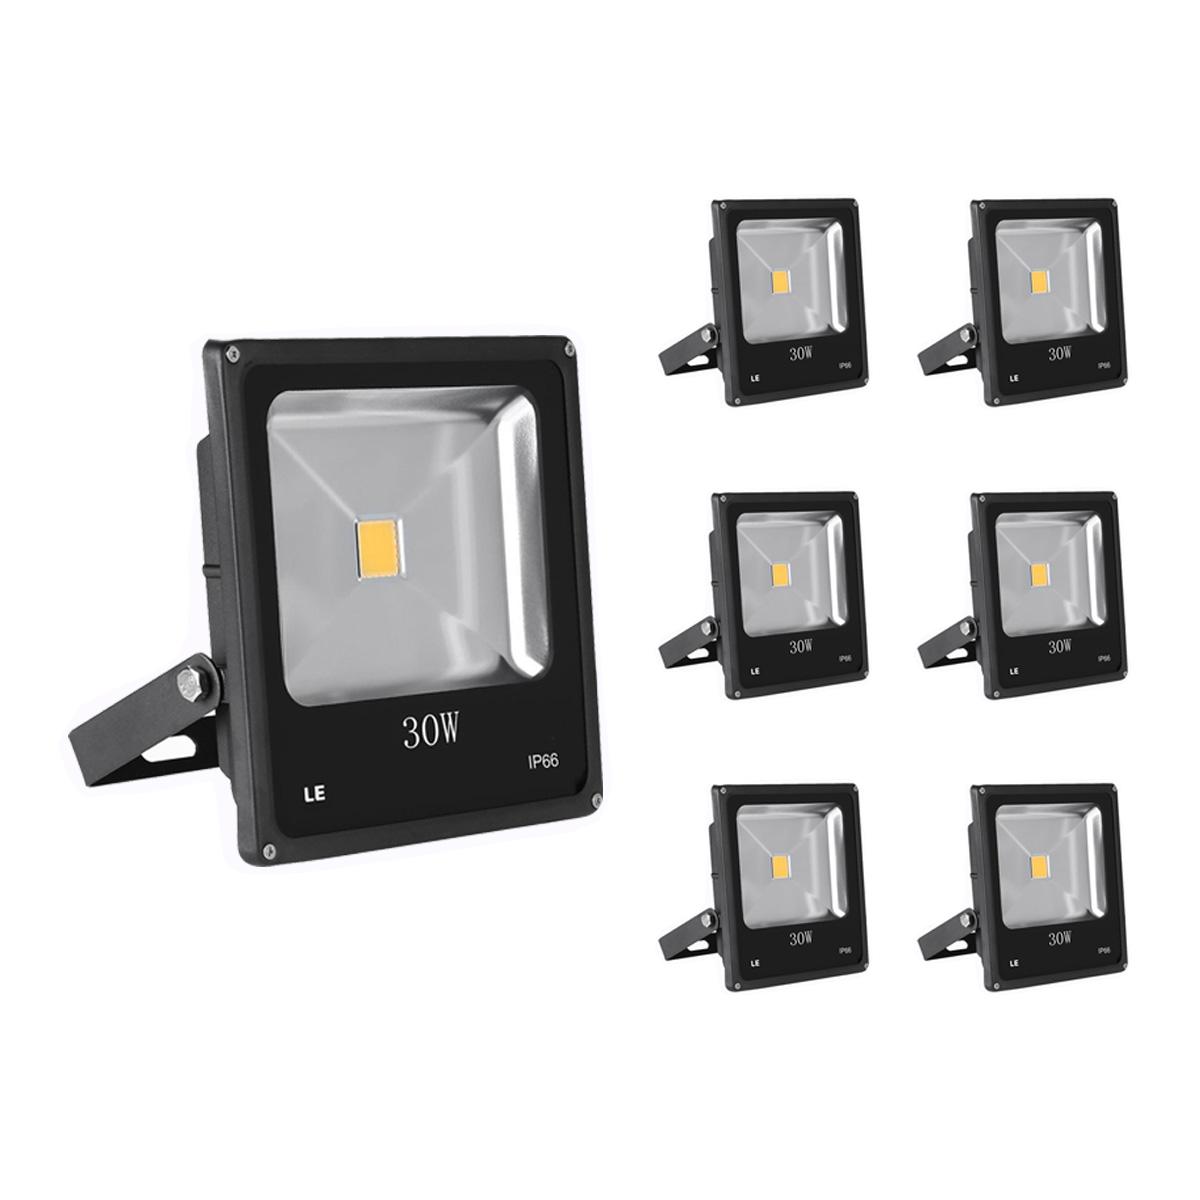 [Bündel] LED Fluter 30W, 1950lm Strahler, ersetzt 75W HS Lampe, Wasserdicht, Außenleuchten, Warmweiß, 6er Set